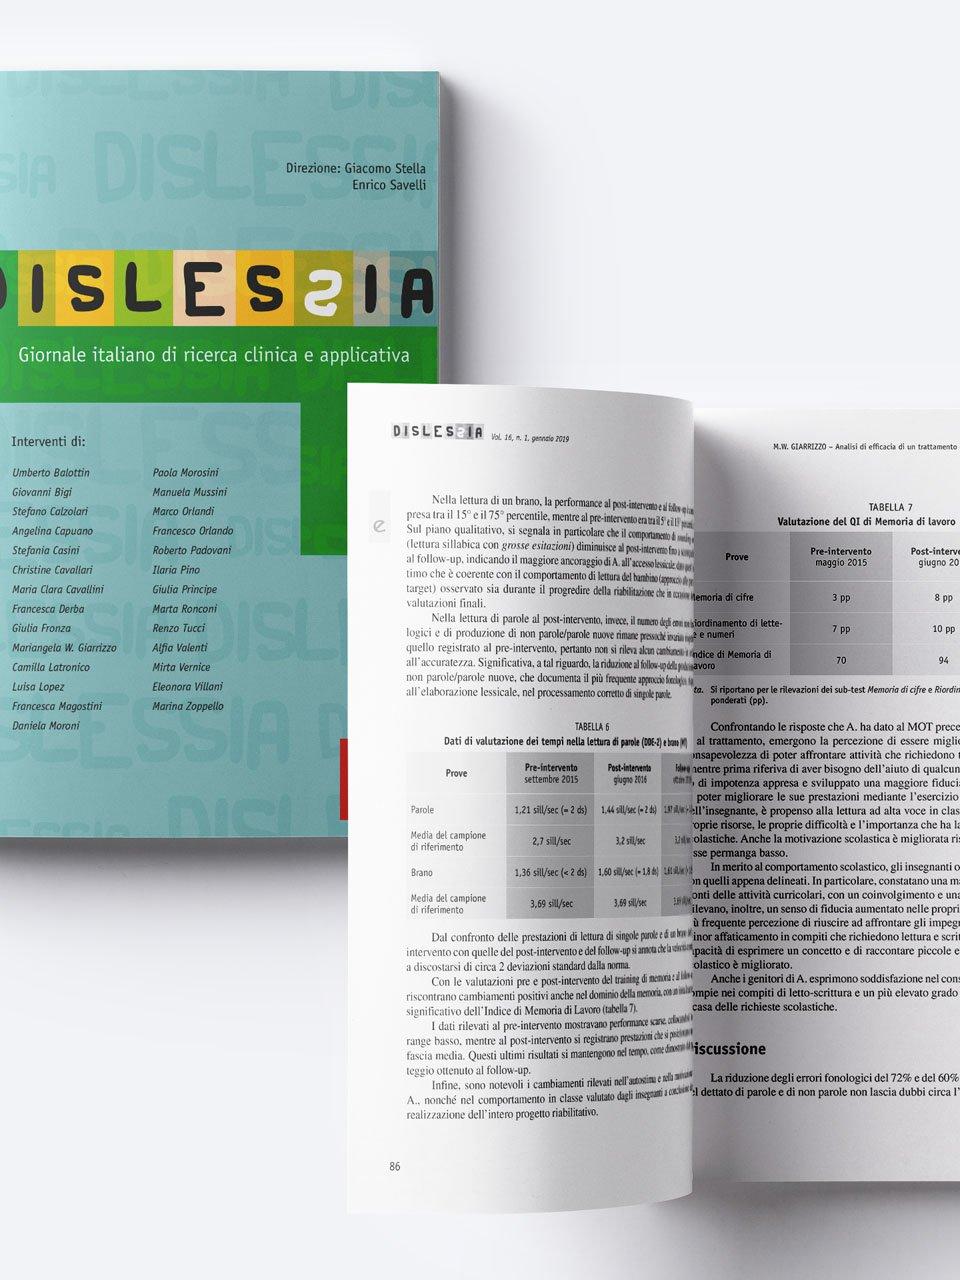 Dislessia - Psicologia dello sviluppo - Libri - Erickson